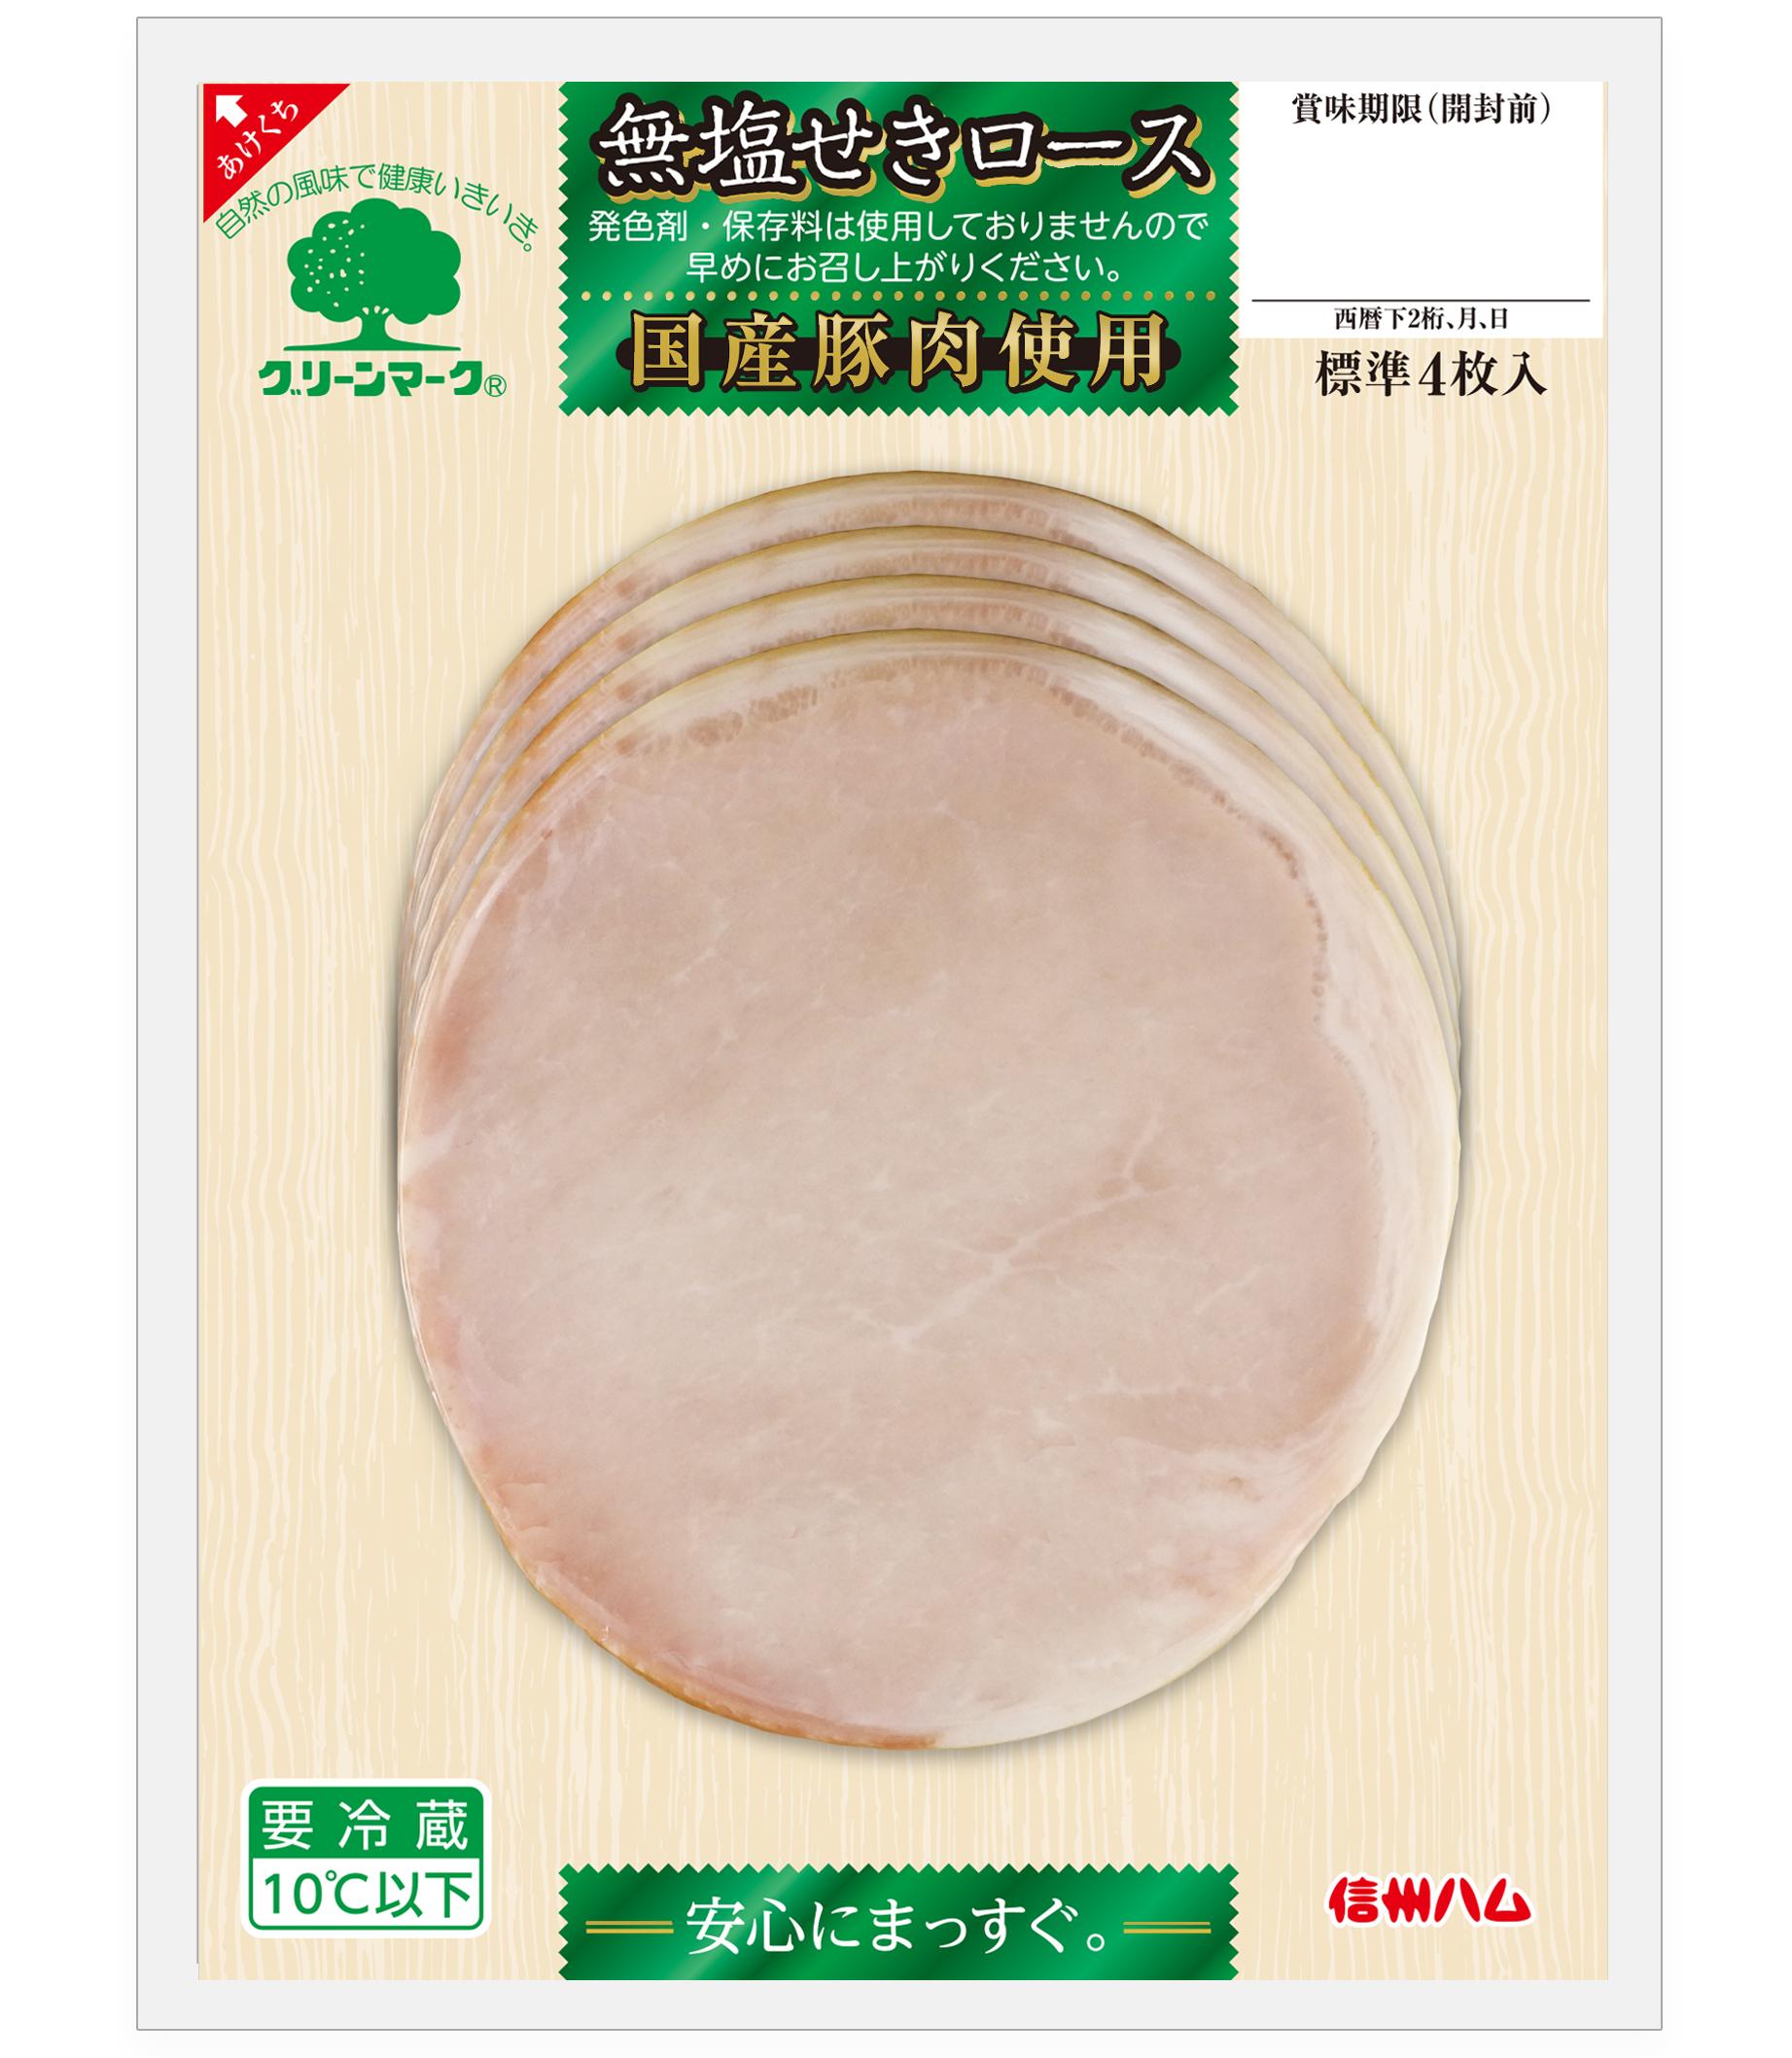 グリーンマーク 国産豚肉使用ロース58g